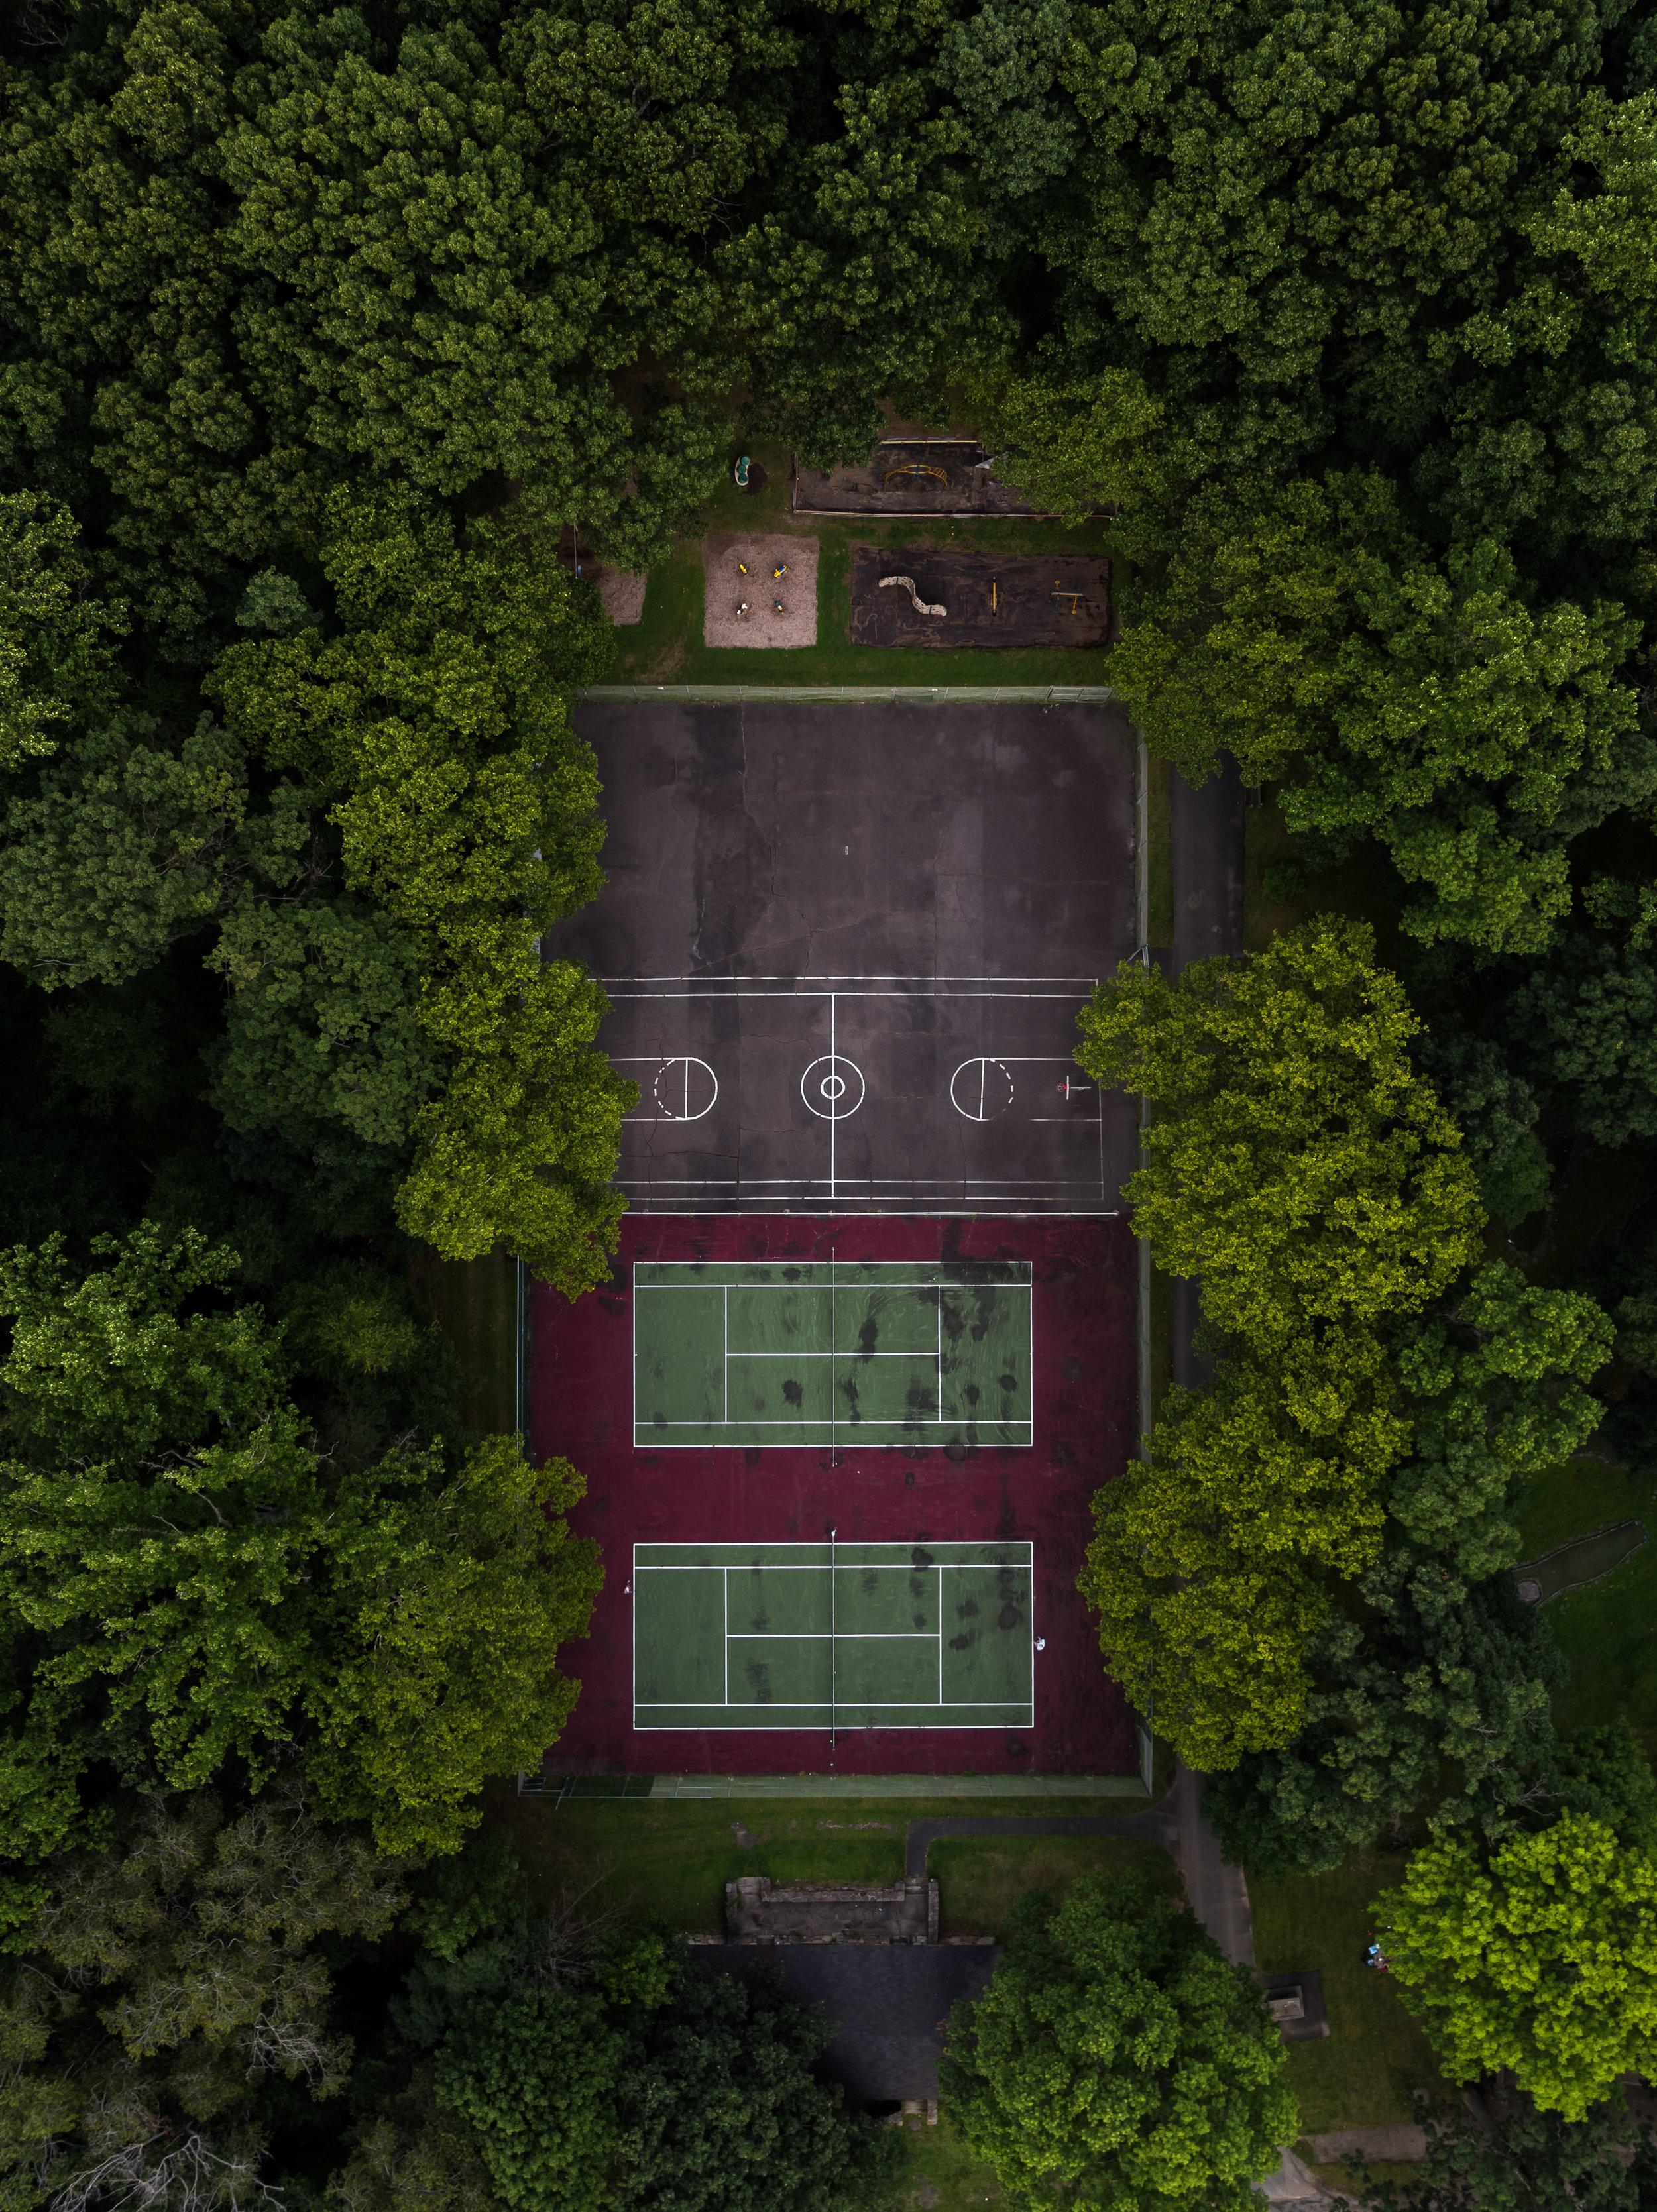 courts_typoland_aerial-1.jpg